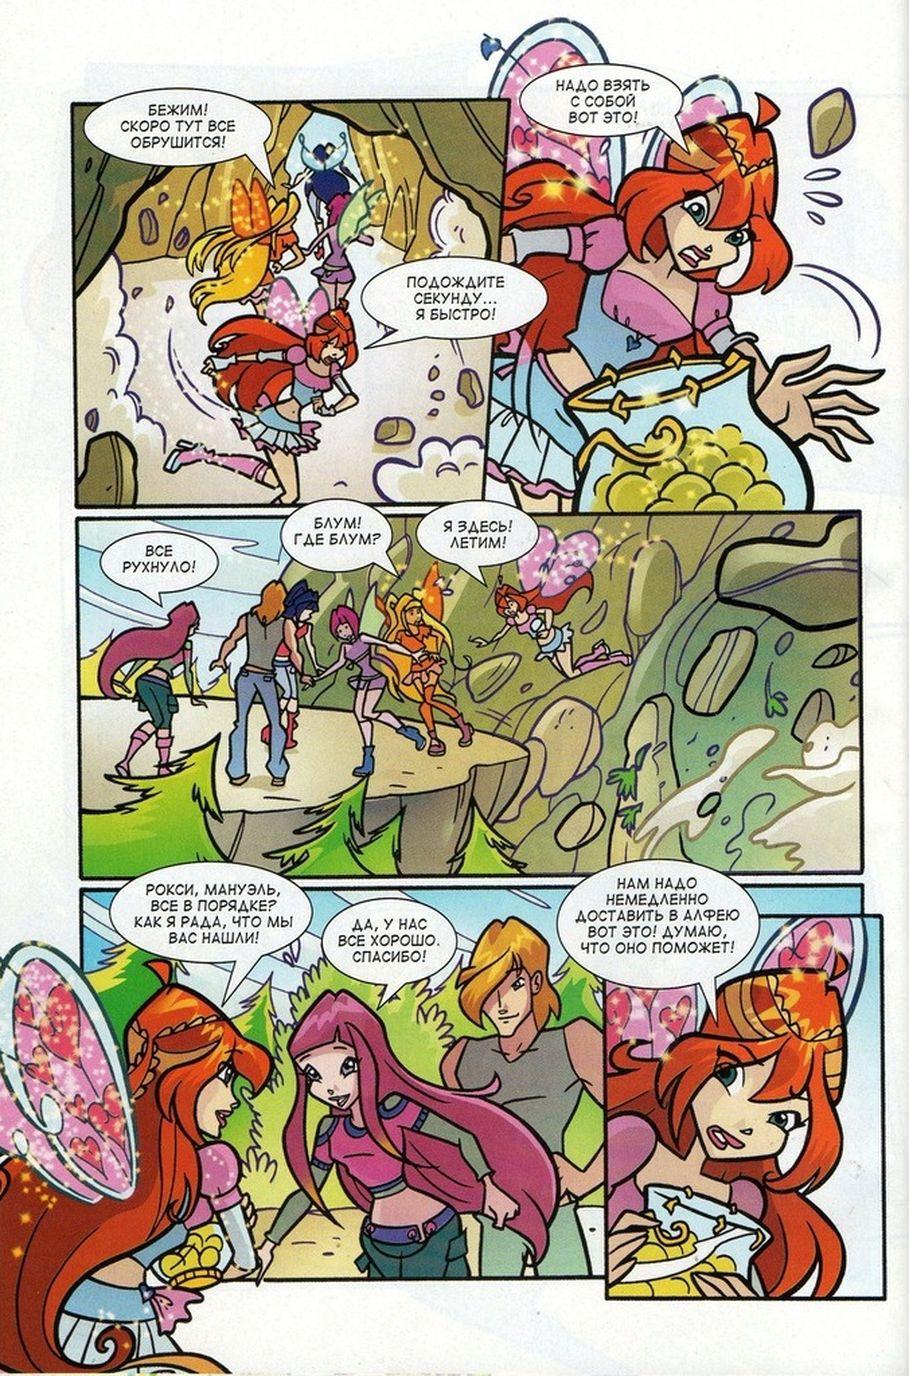 Комикс Винкс Winx - Каменные великаны (Журнал Винкс №11 2011) - стр. 47